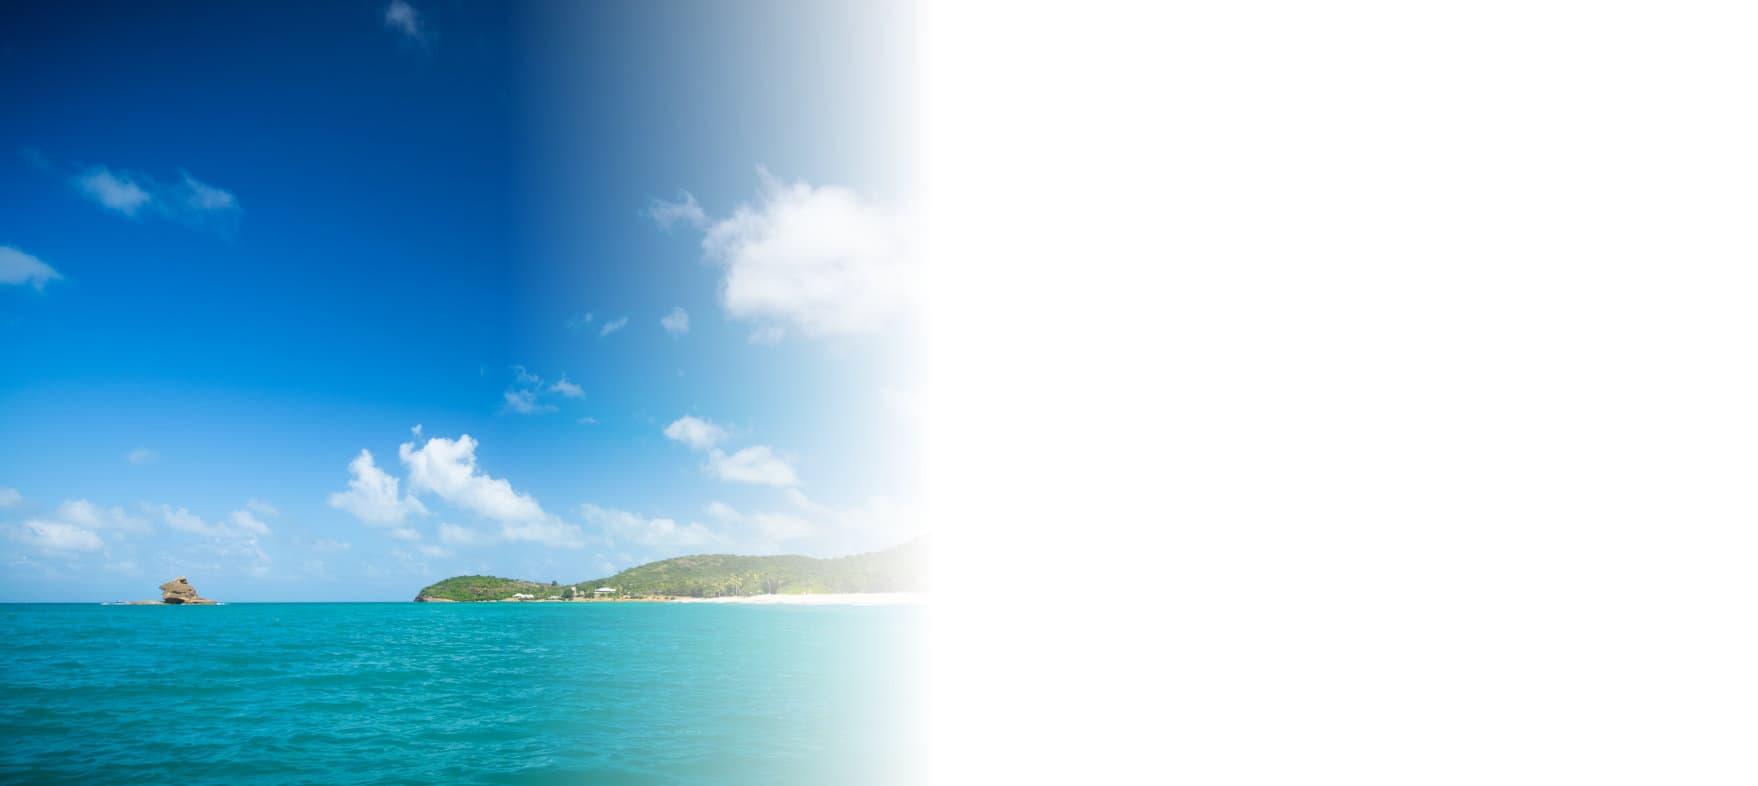 nice and Beautiful beach